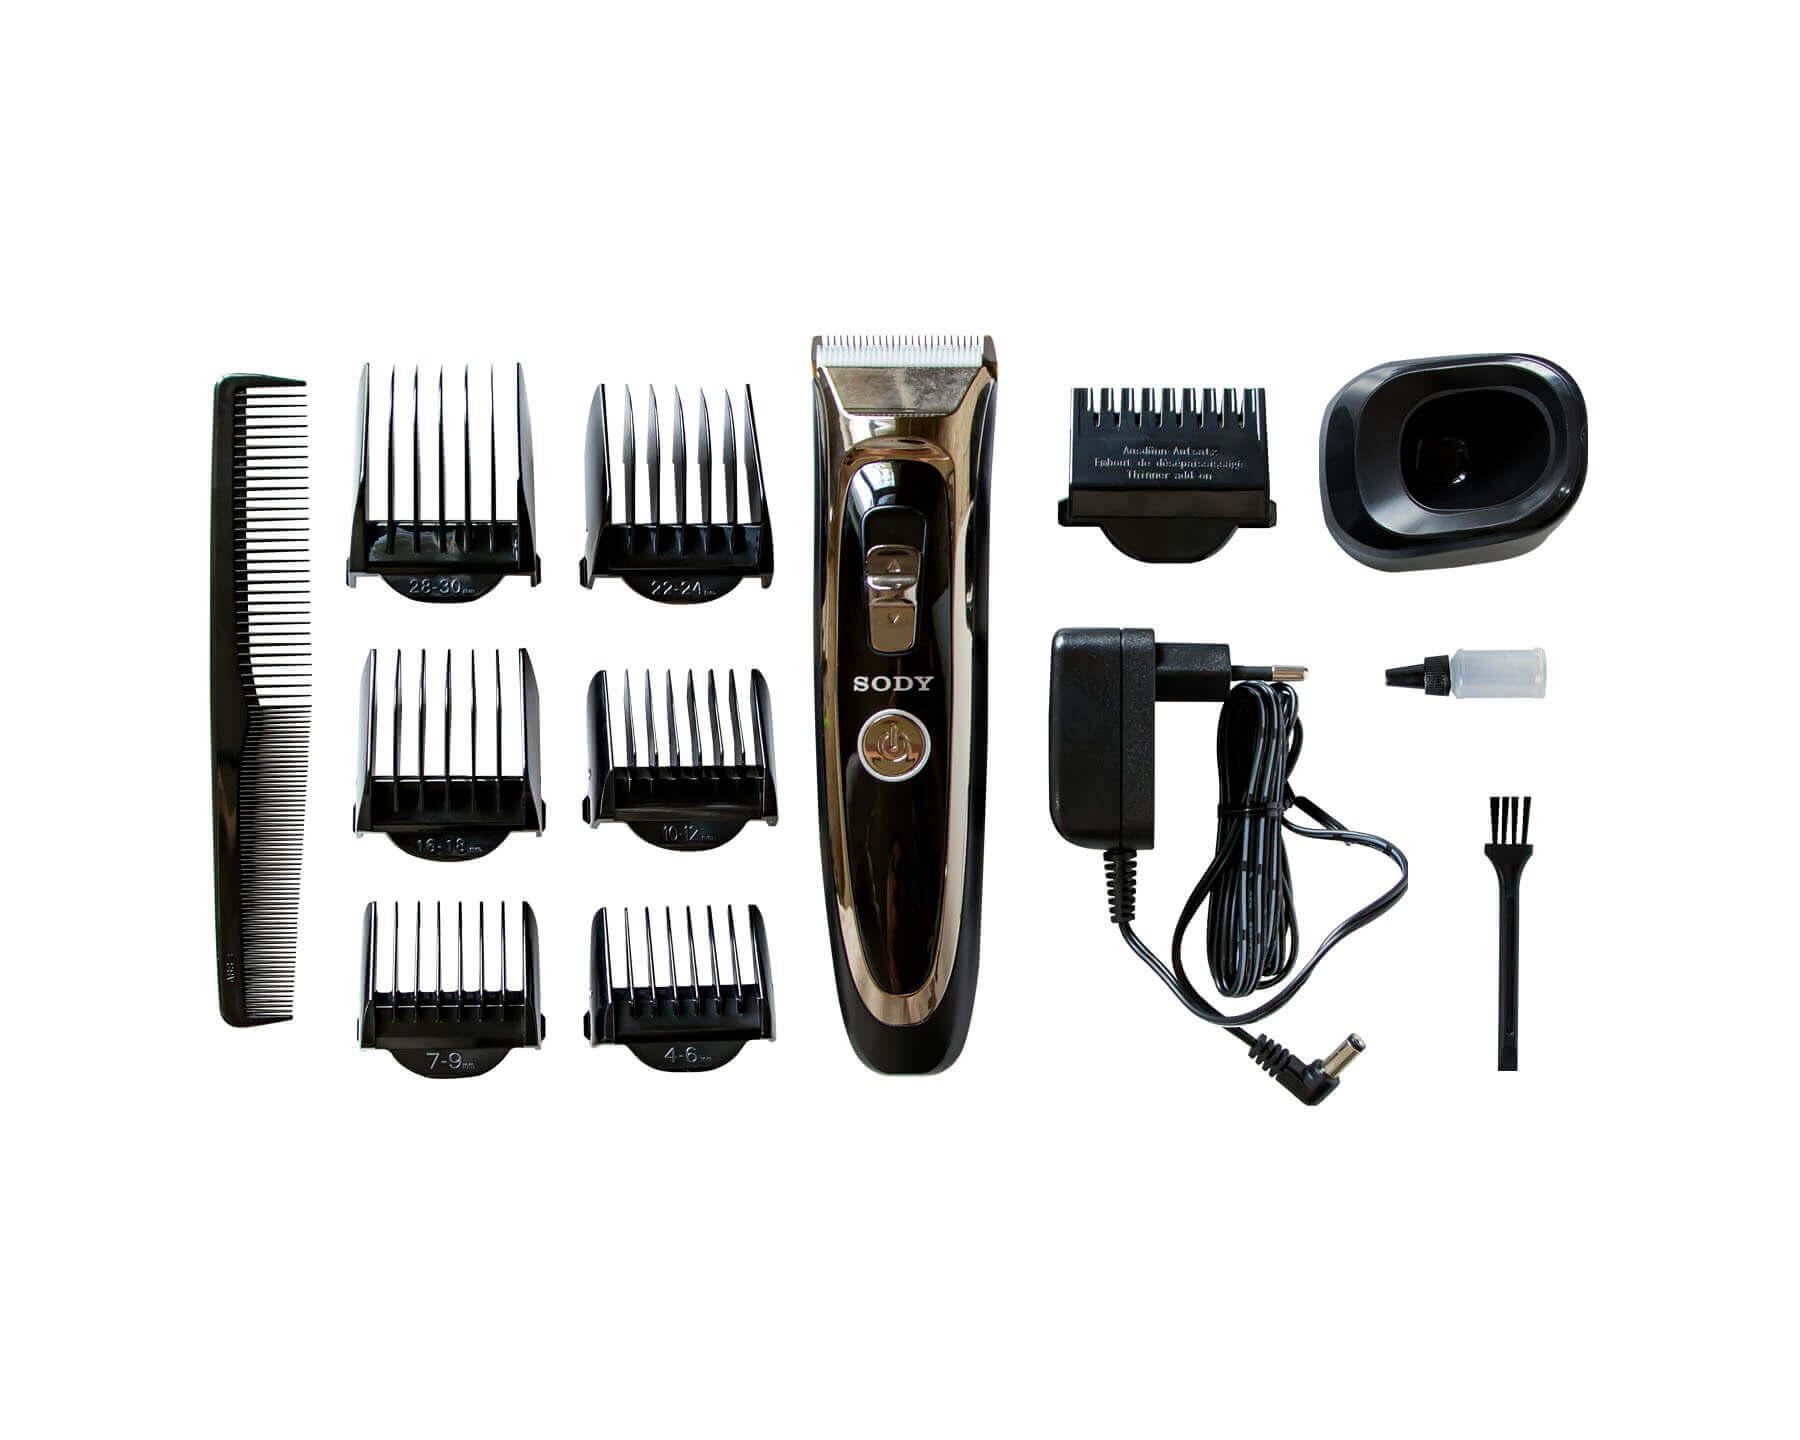 Машинка для стрижки волос SODY SD 2022 Professional